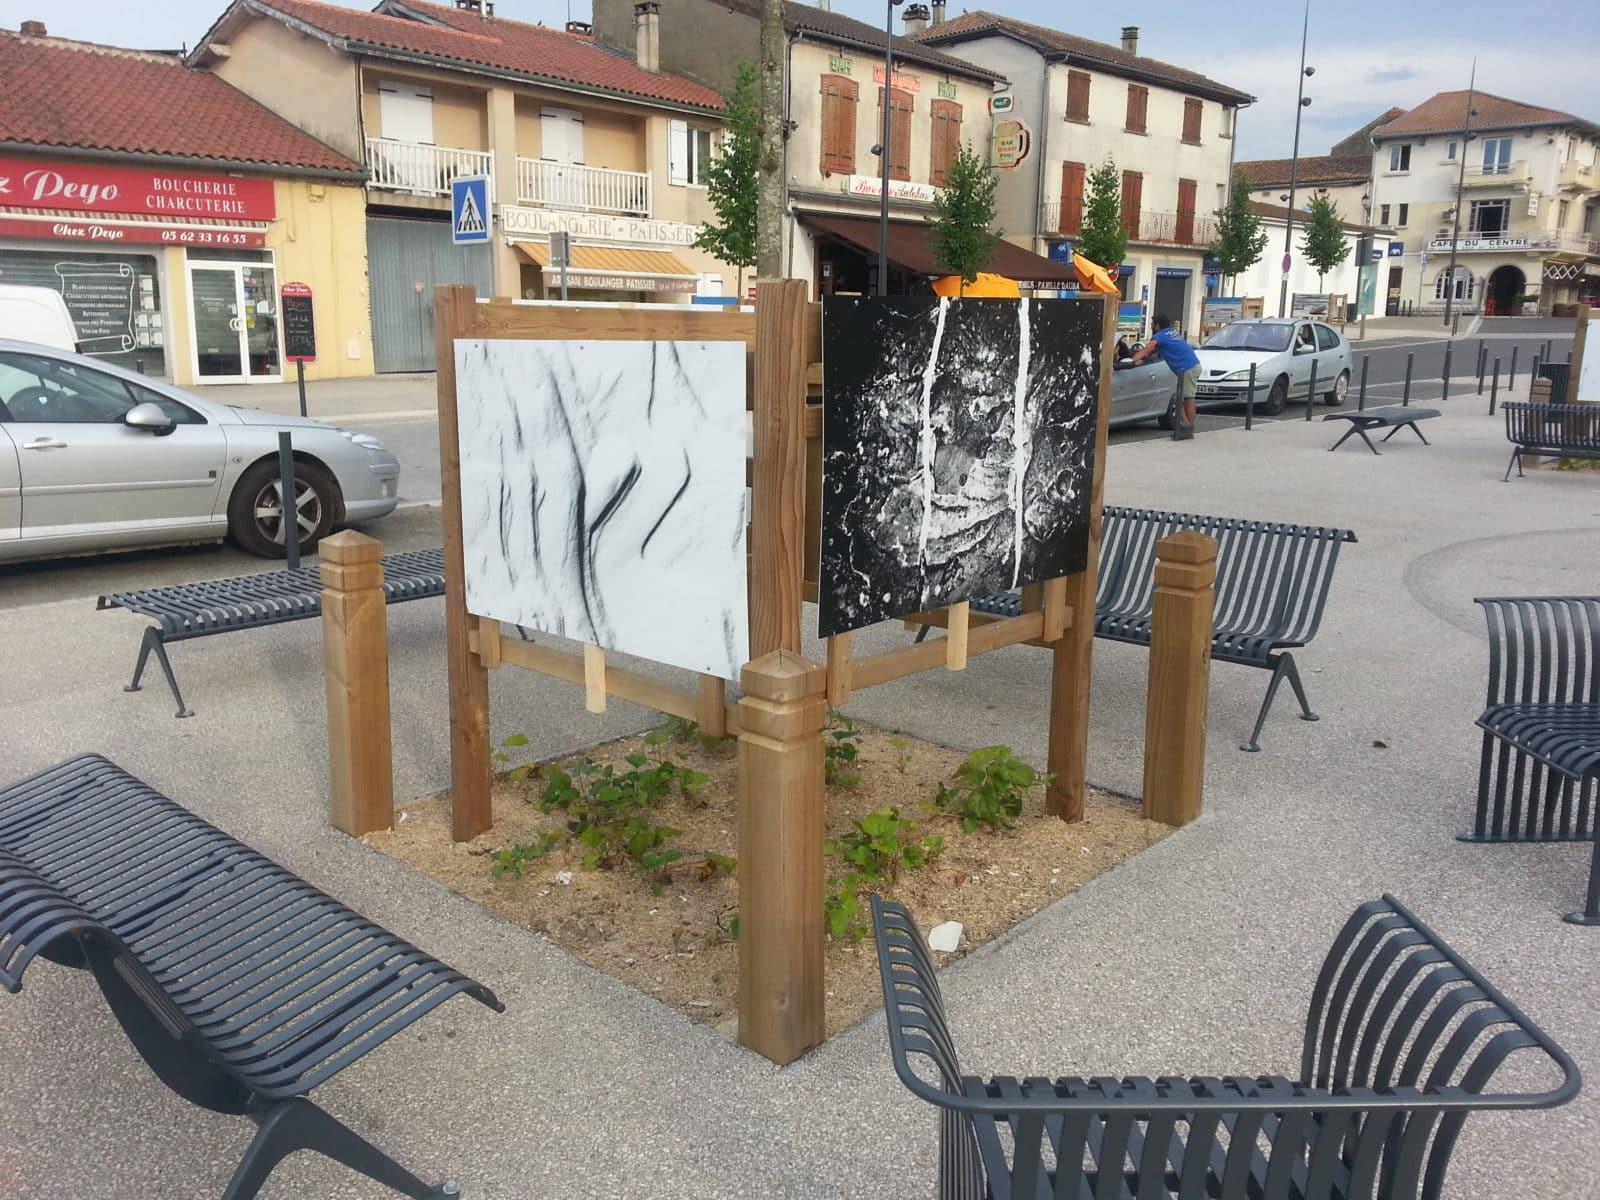 Mobilier et végétation sur la place de la Libération